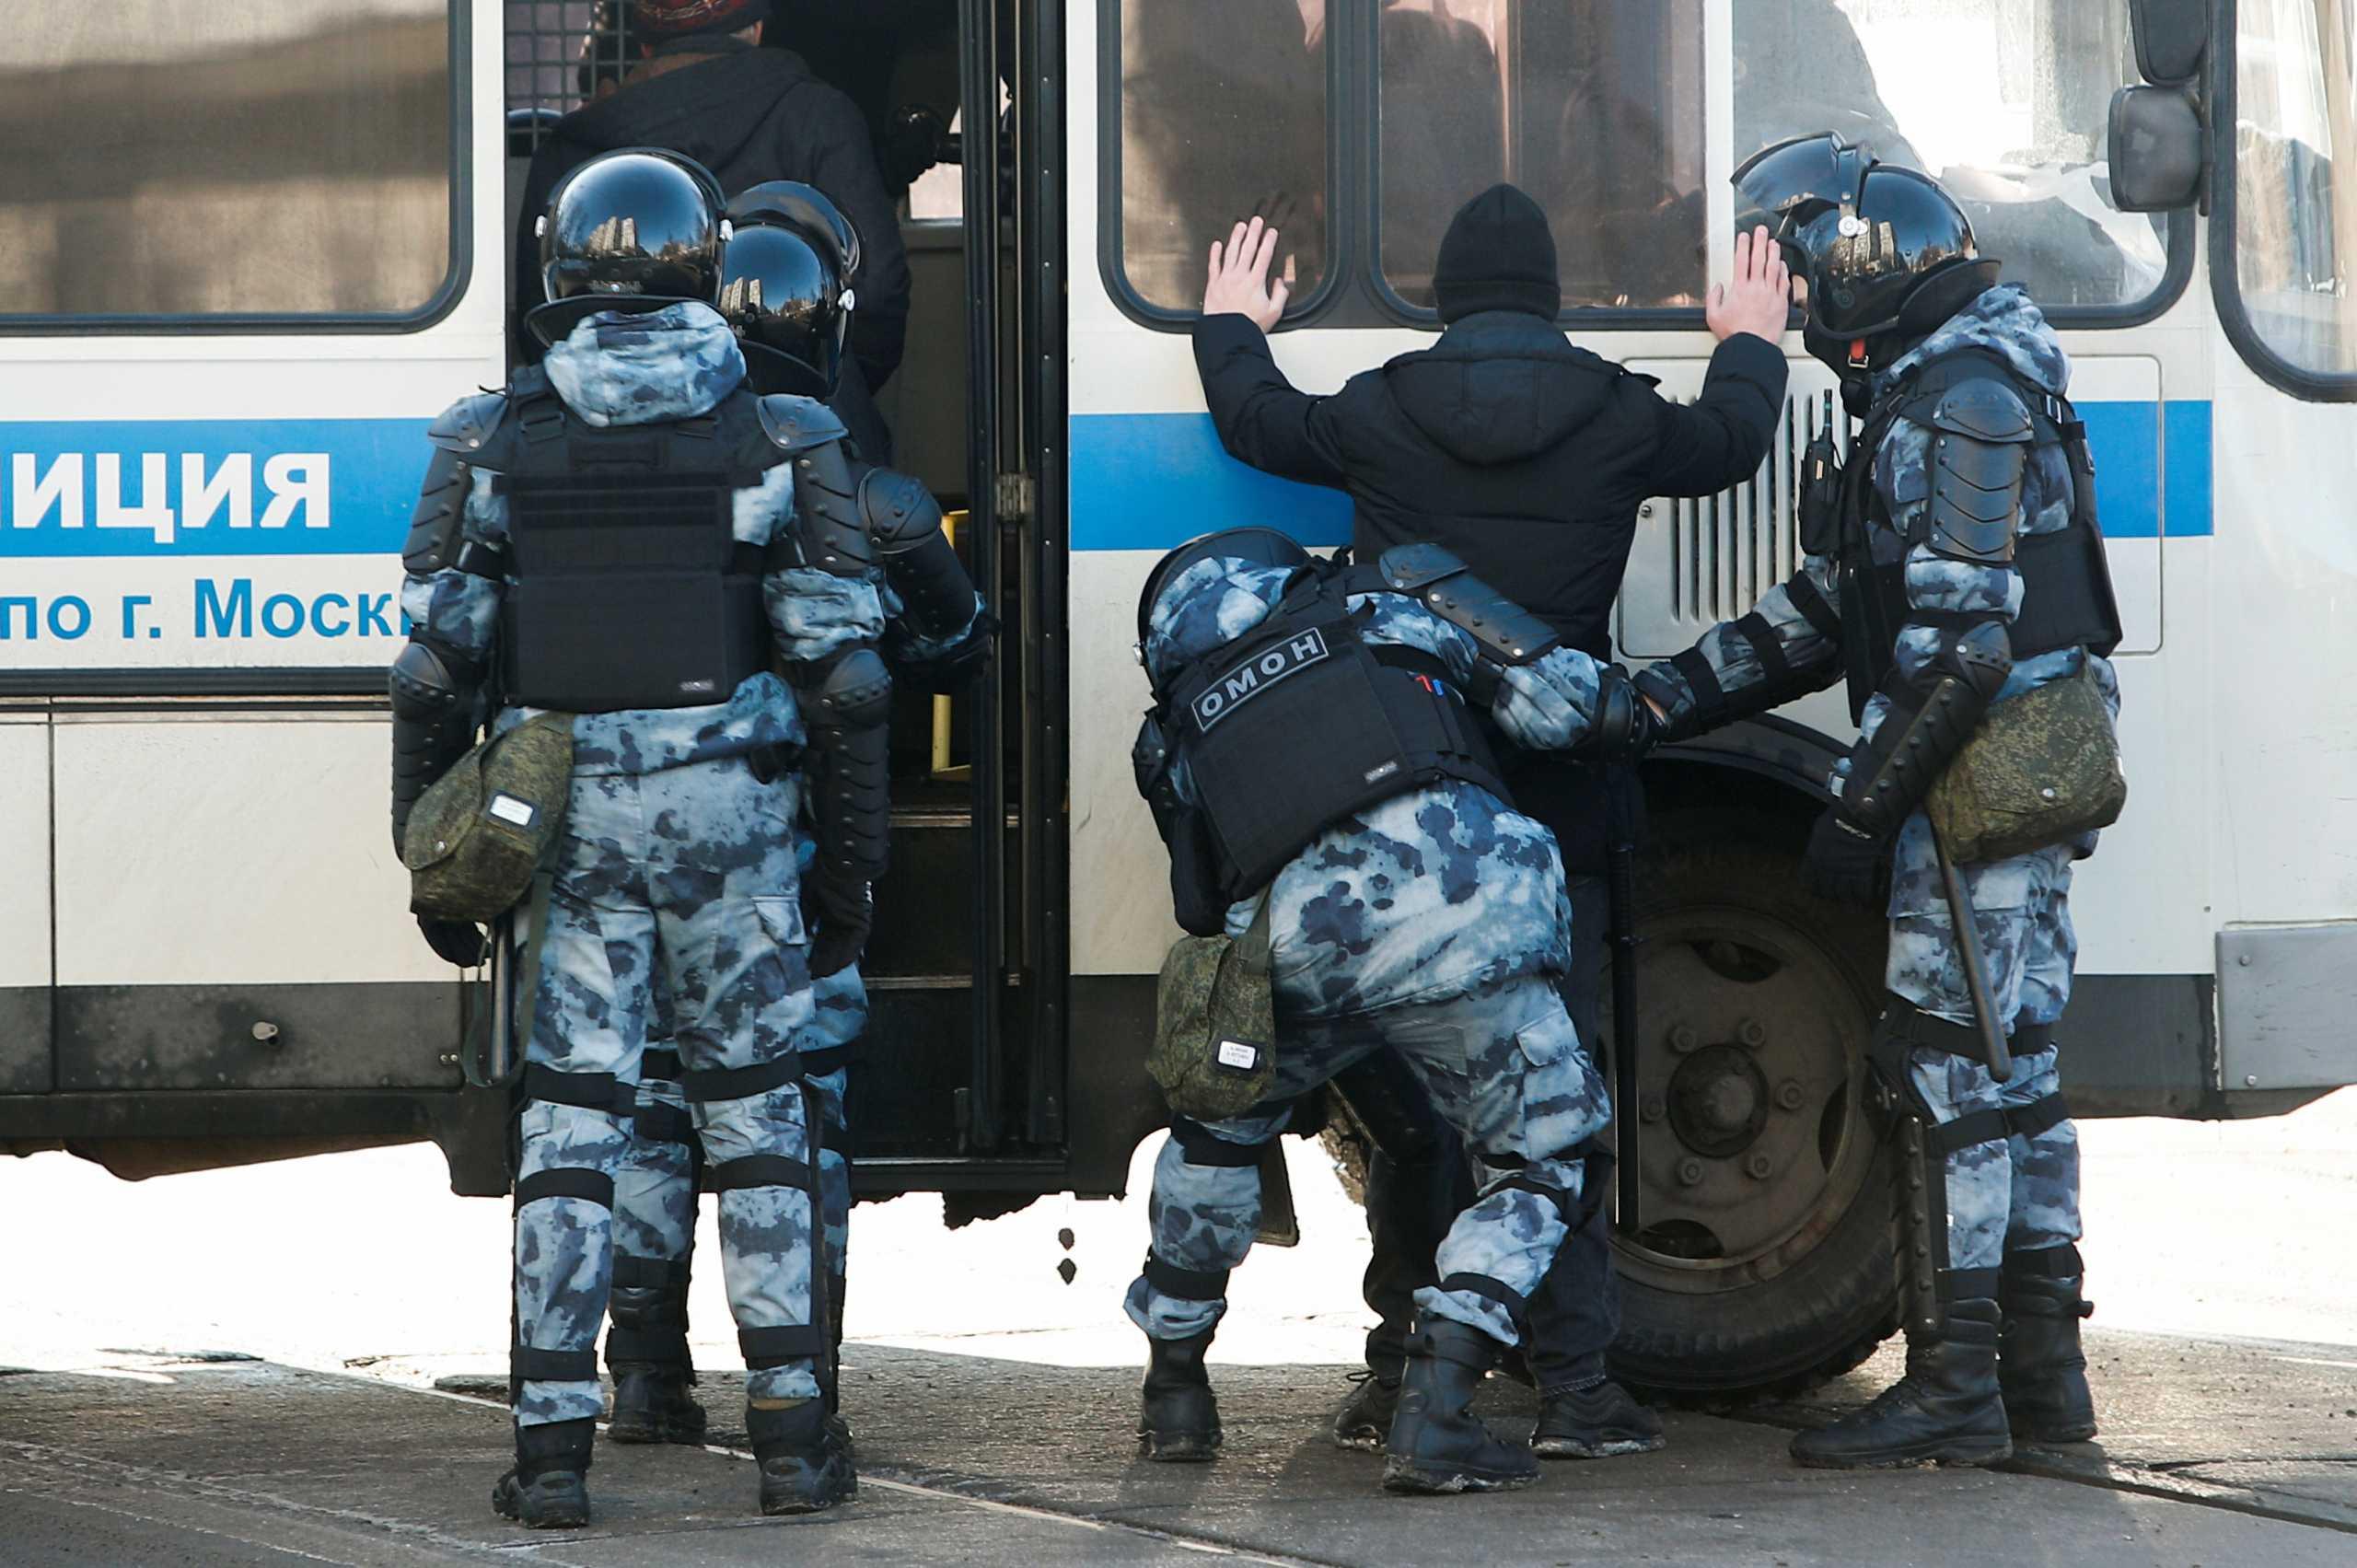 Ρωσία: 112 συλλήψεις έξω από το δικαστήριο όπου πρόκειται να εμφανιστεί ο  Ναβάλνι (pics)